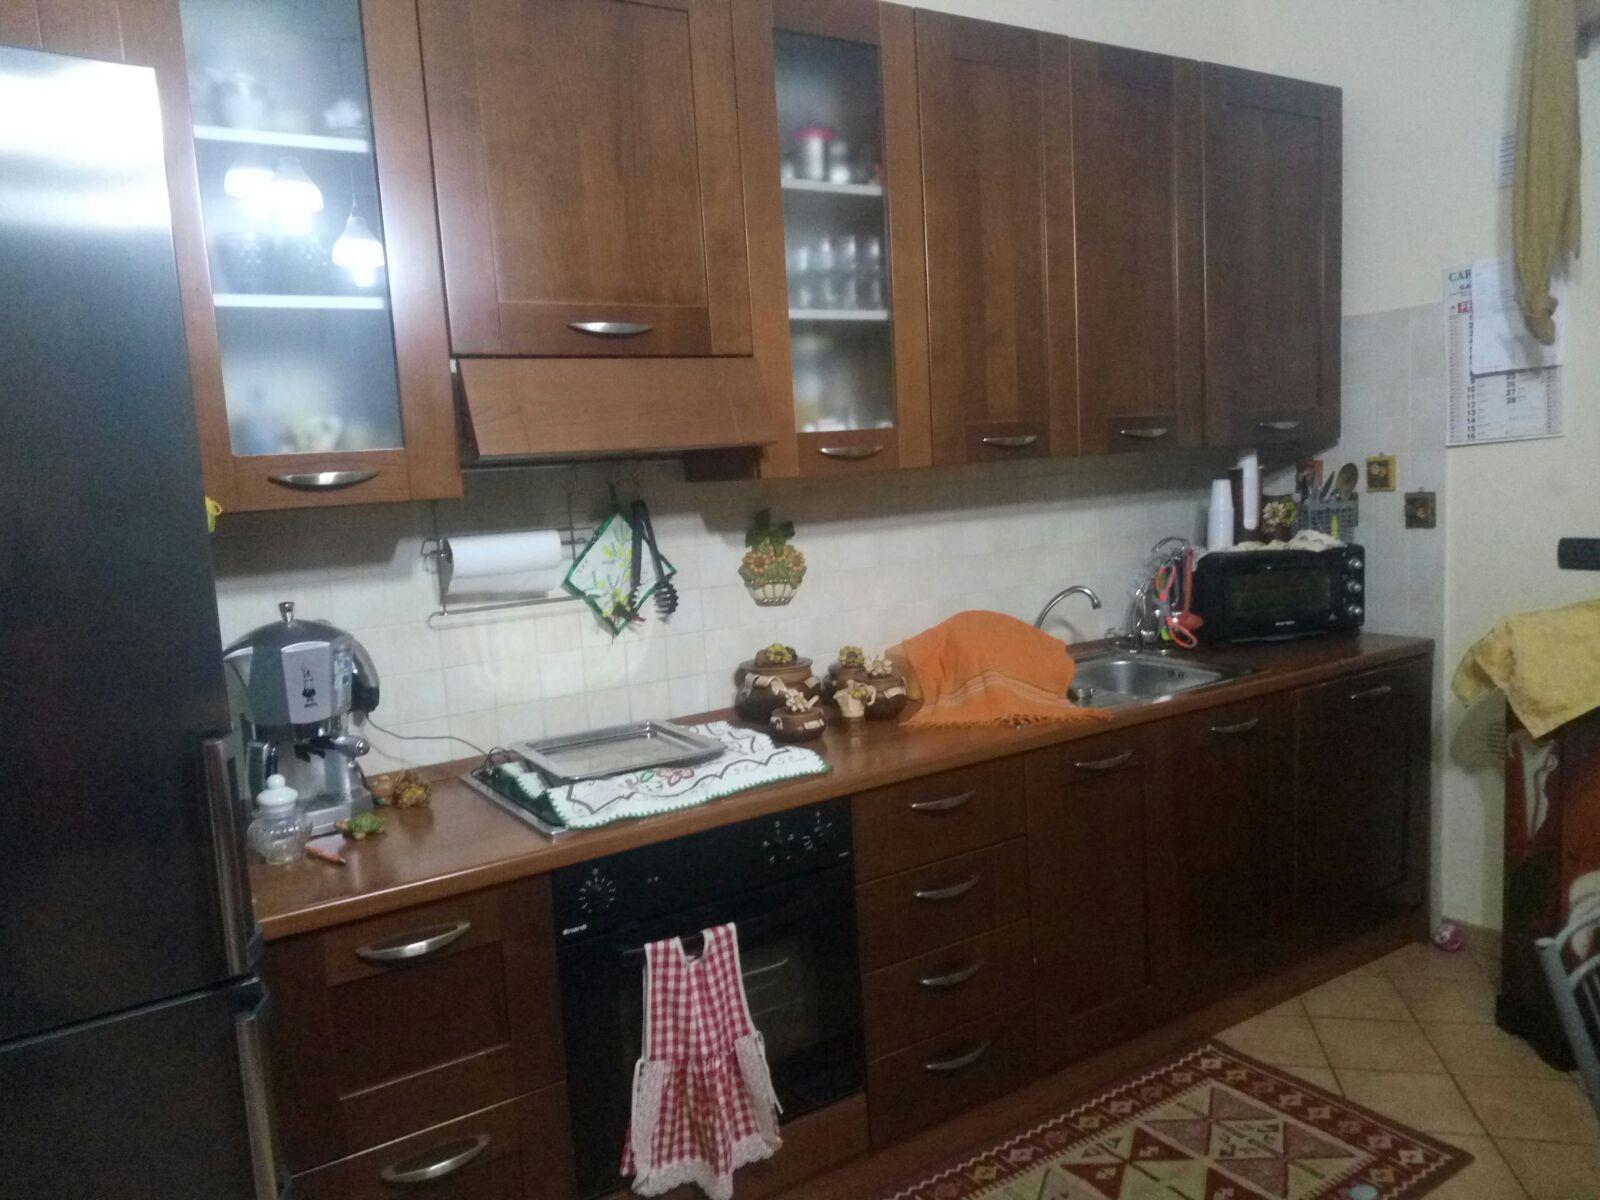 Cucina - Vendo cucina componibile compreso di tavolo e sedie in ...